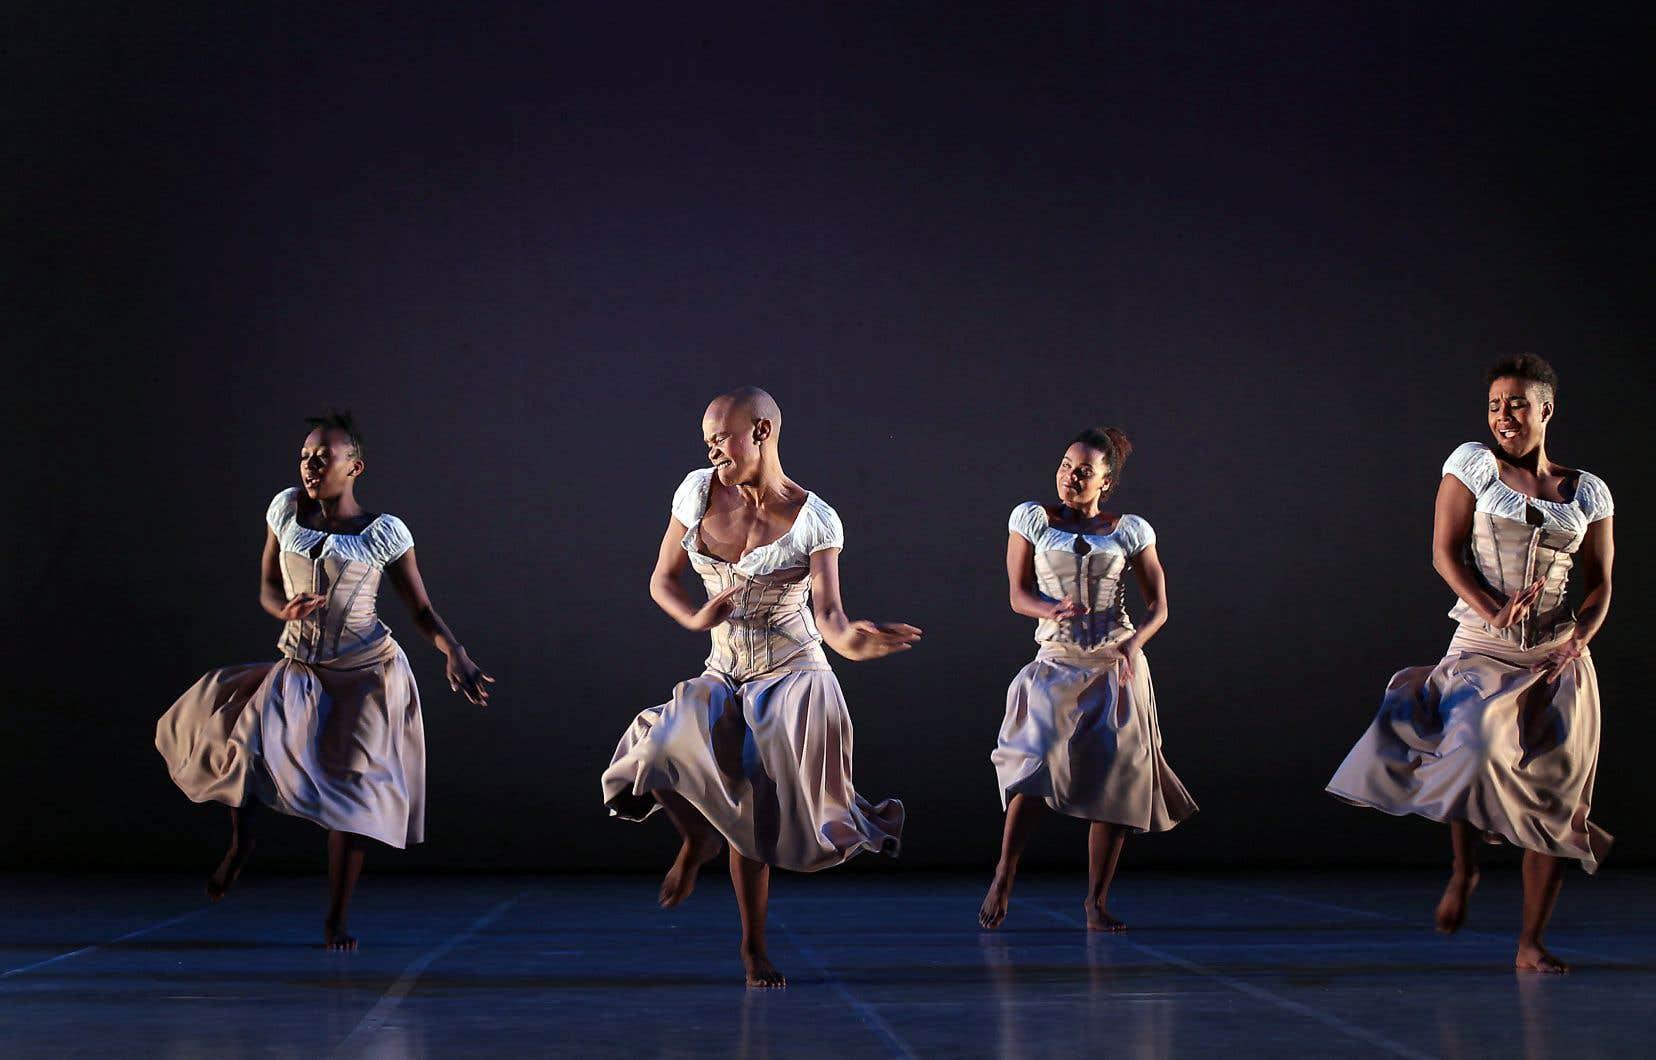 Dada Masilo (2e à gauche) interprète Giselle, entourée de danseuses.